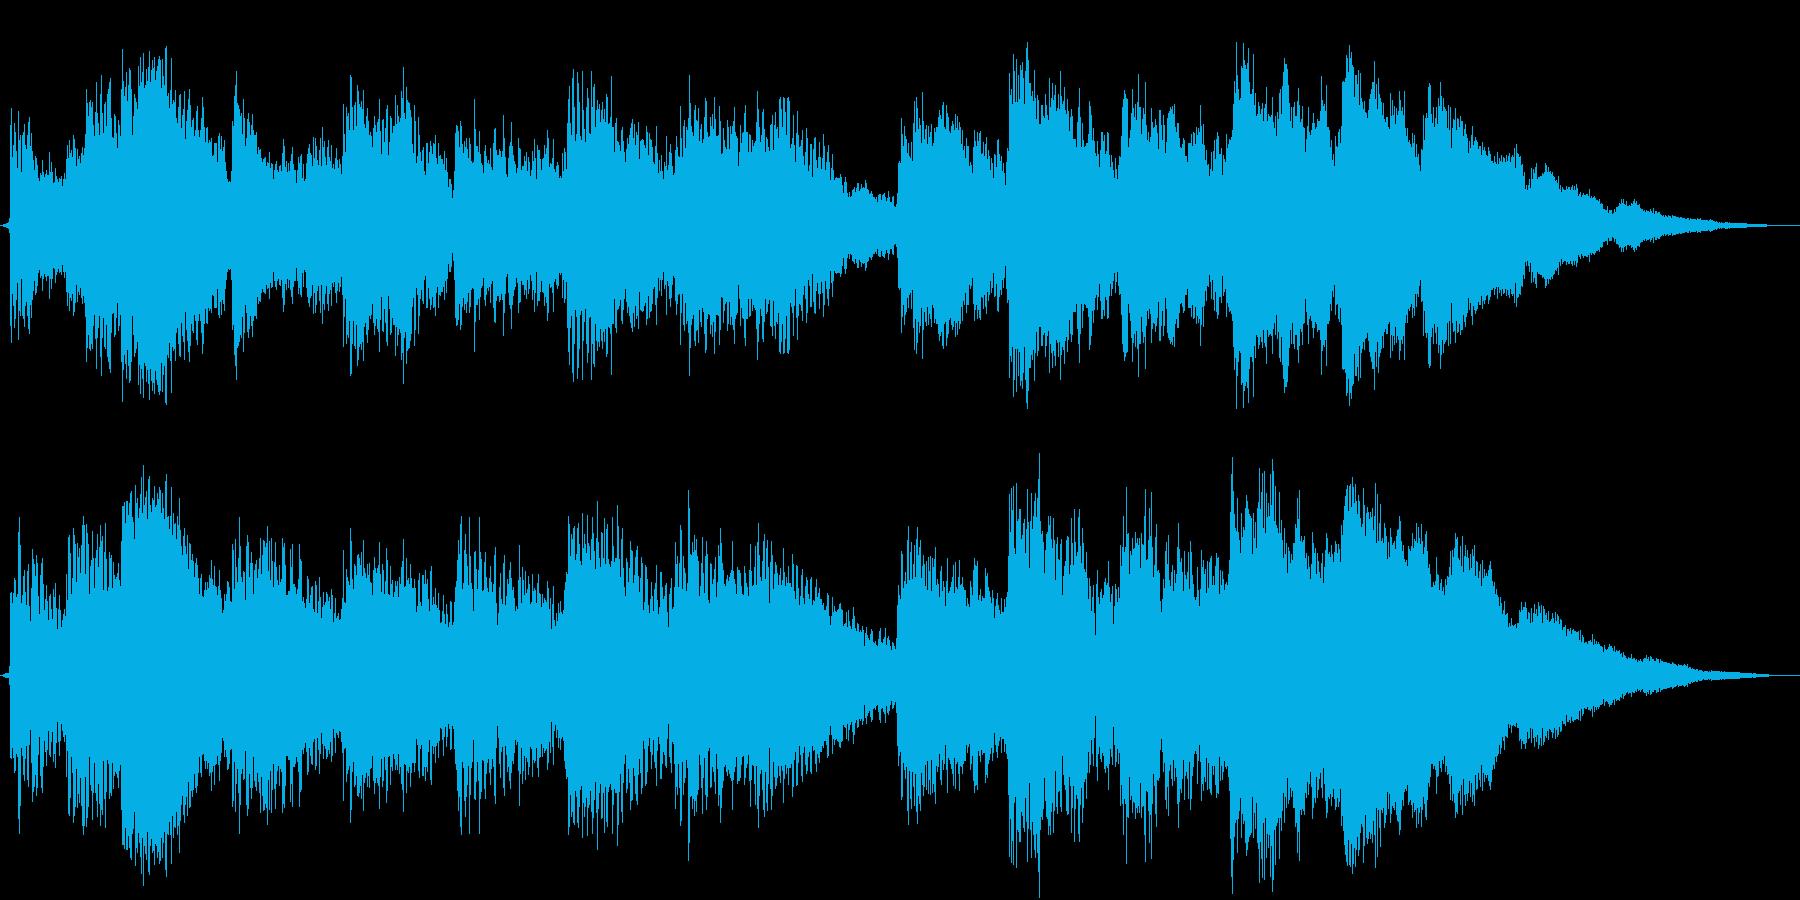 サウンドロゴ(ベル)の再生済みの波形